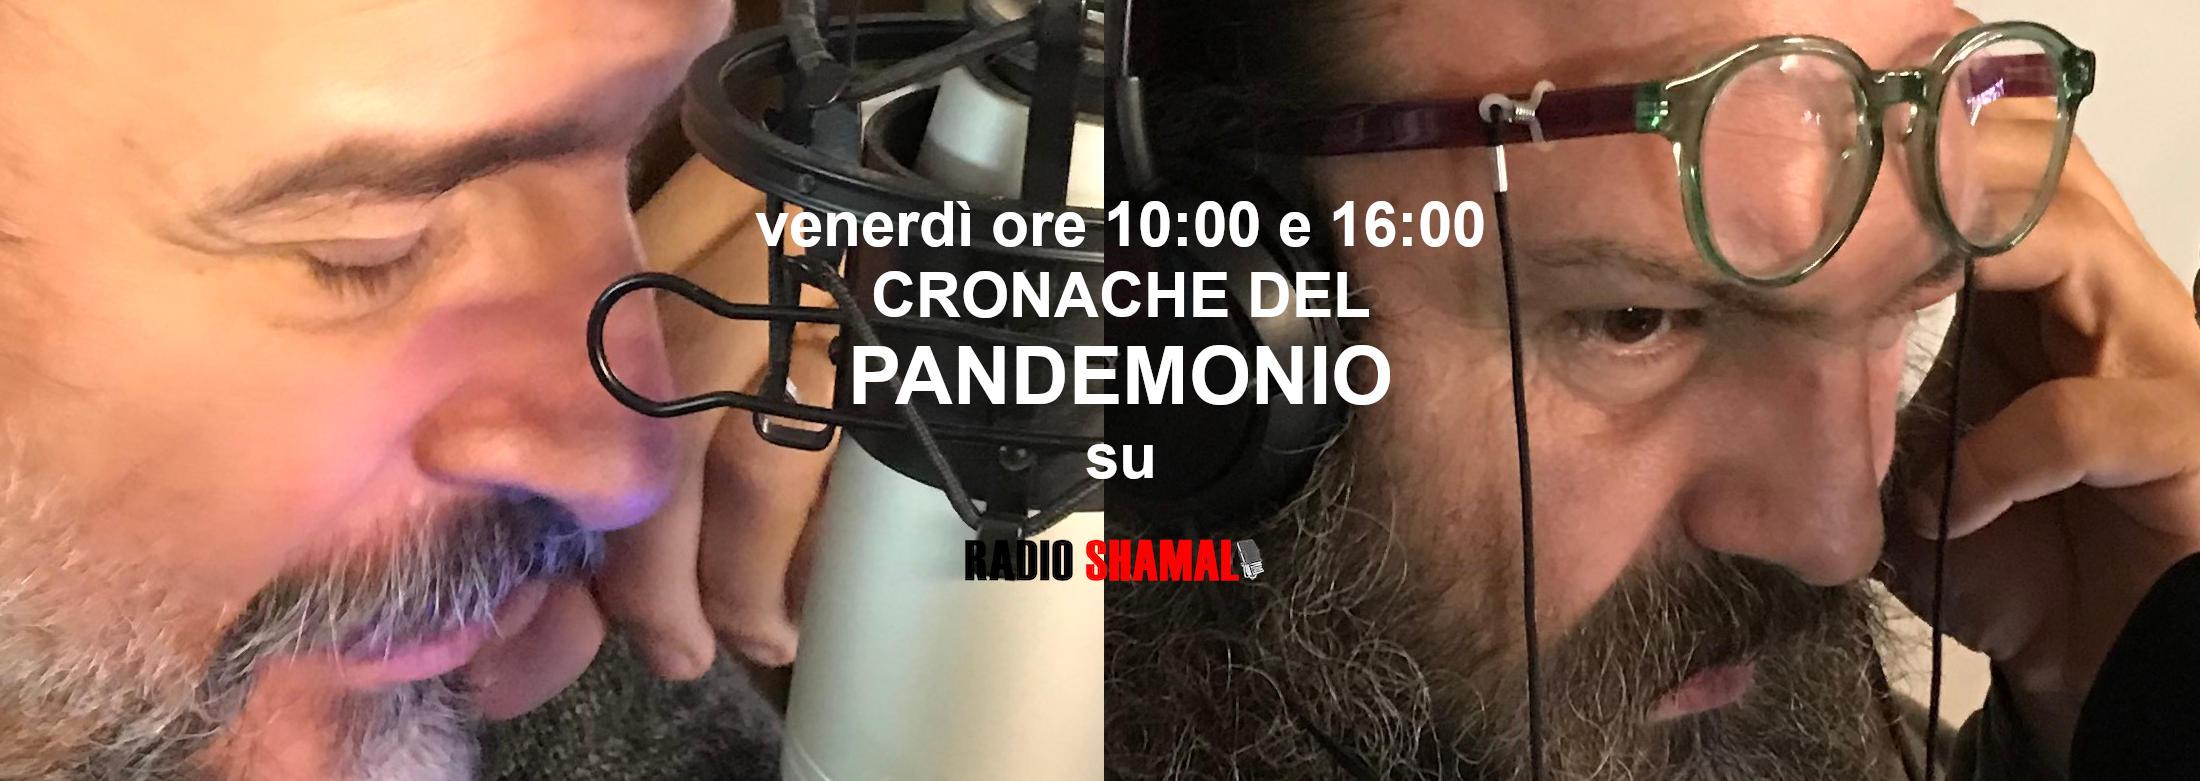 Pandemonio 2020-06-19